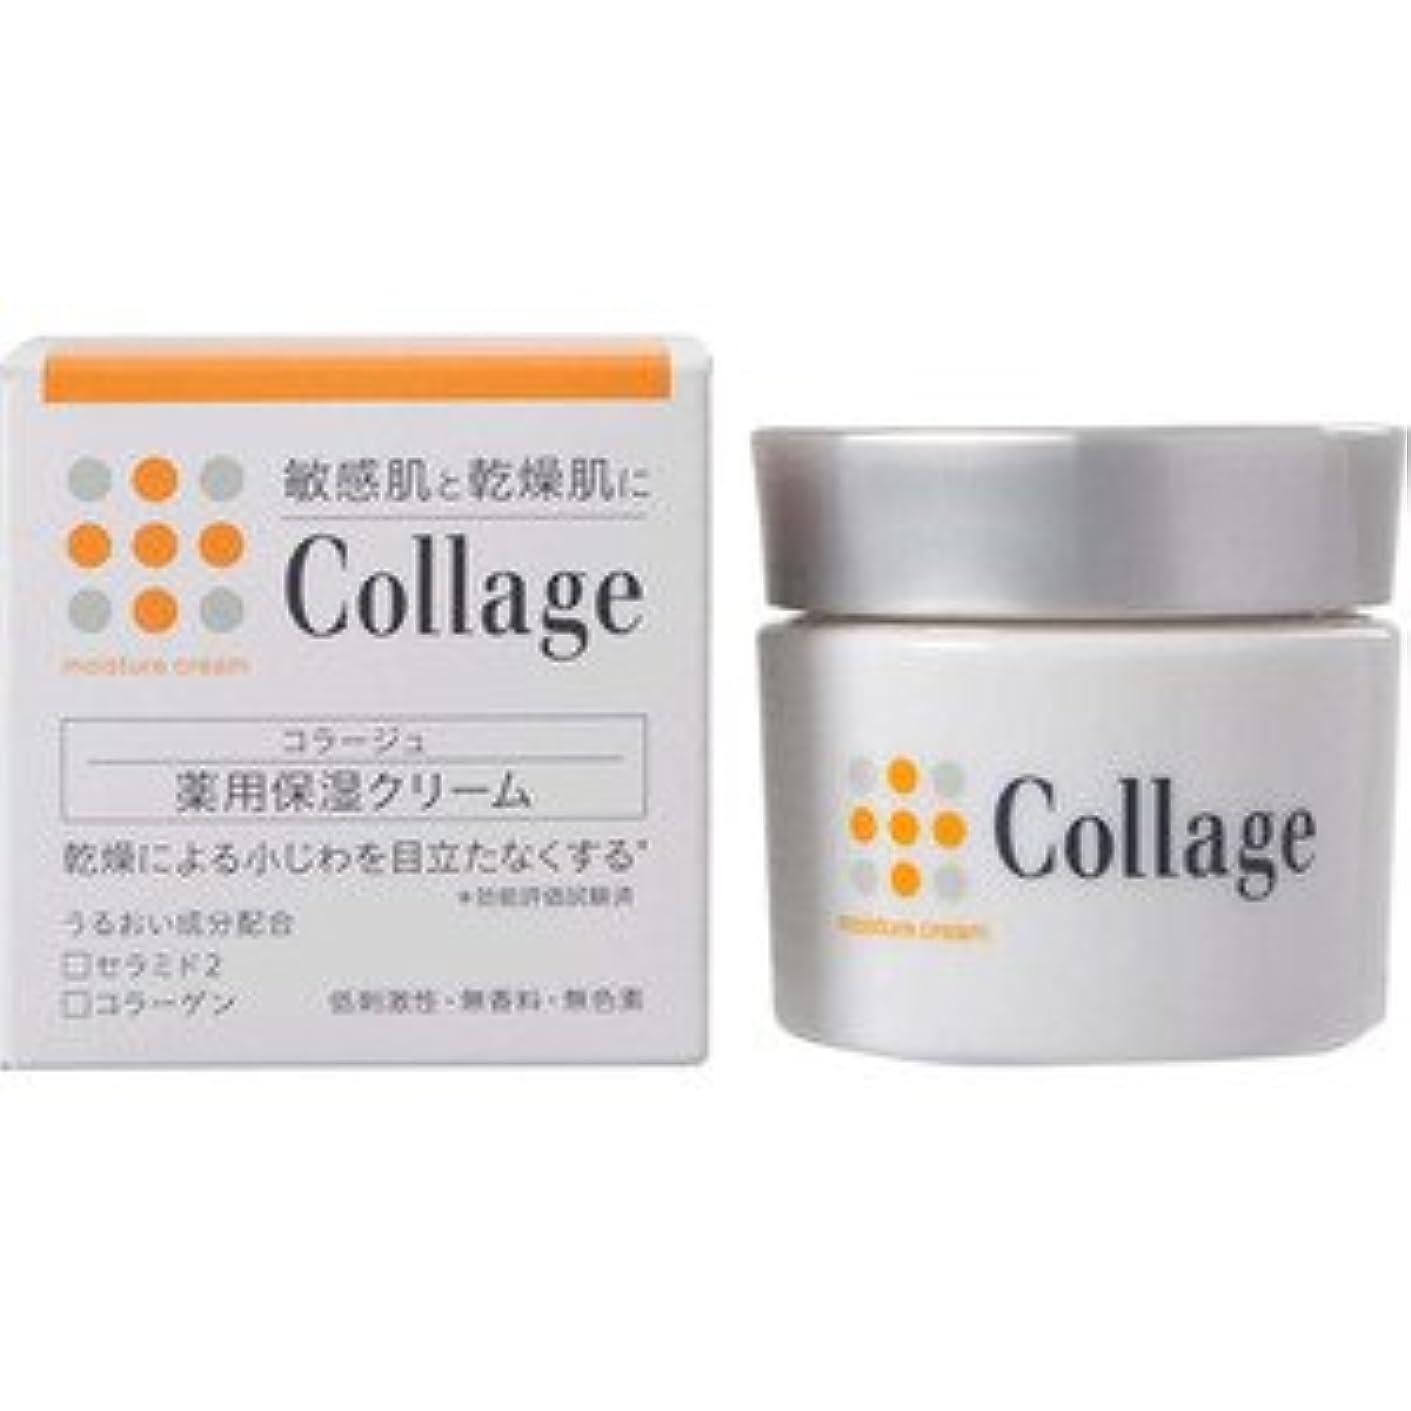 すなわち今後飾るコラージュ 薬用保湿クリーム 30g×2【持田ヘルスケア】【4987767661452】